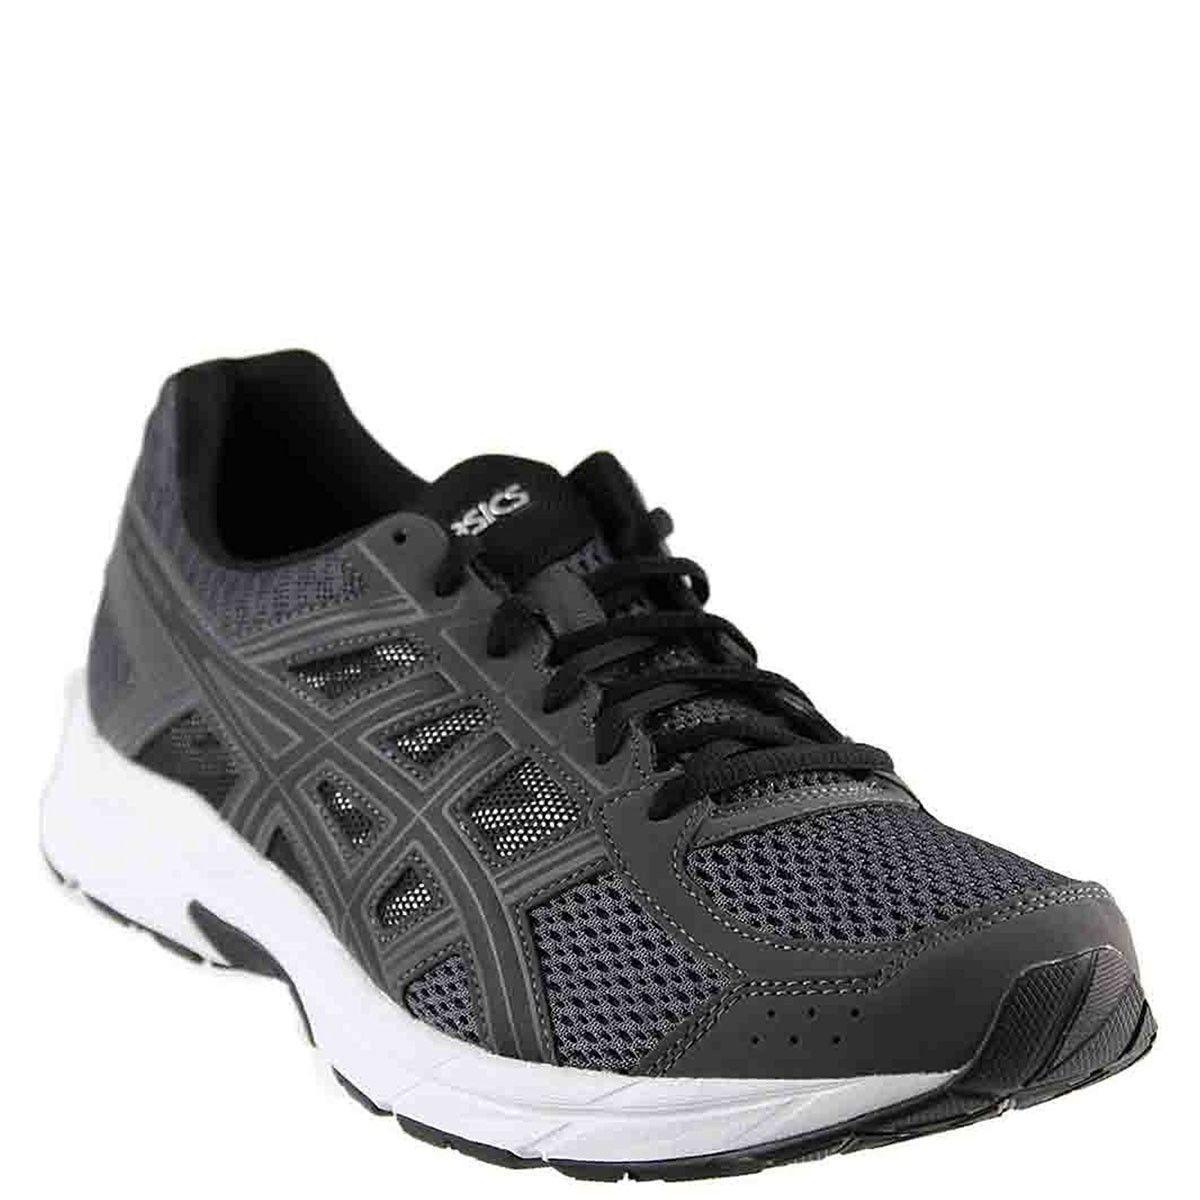 63b545c51d8a ASICS Men s Gel-Contend 4 Running Shoe